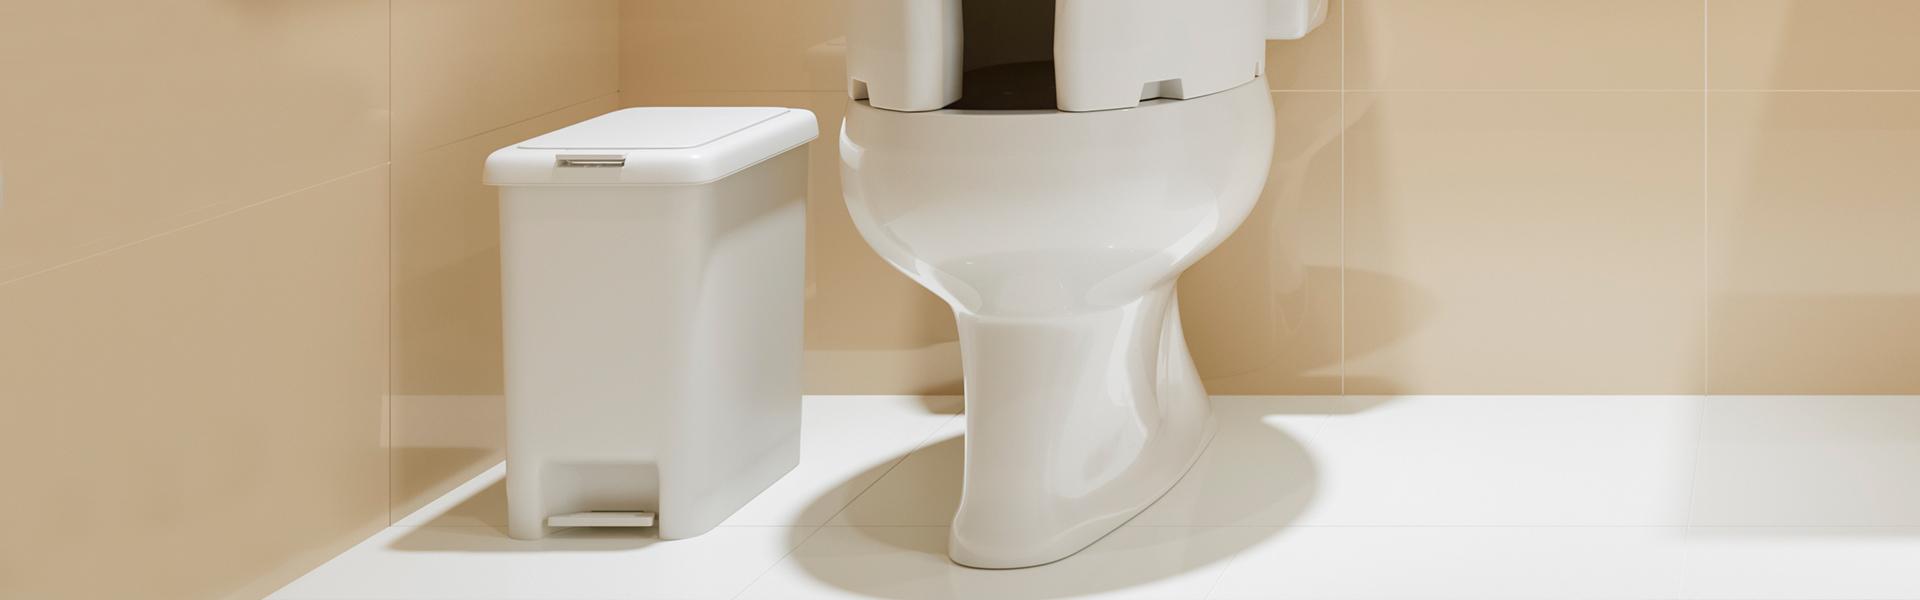 Banheiro - Lixeiras